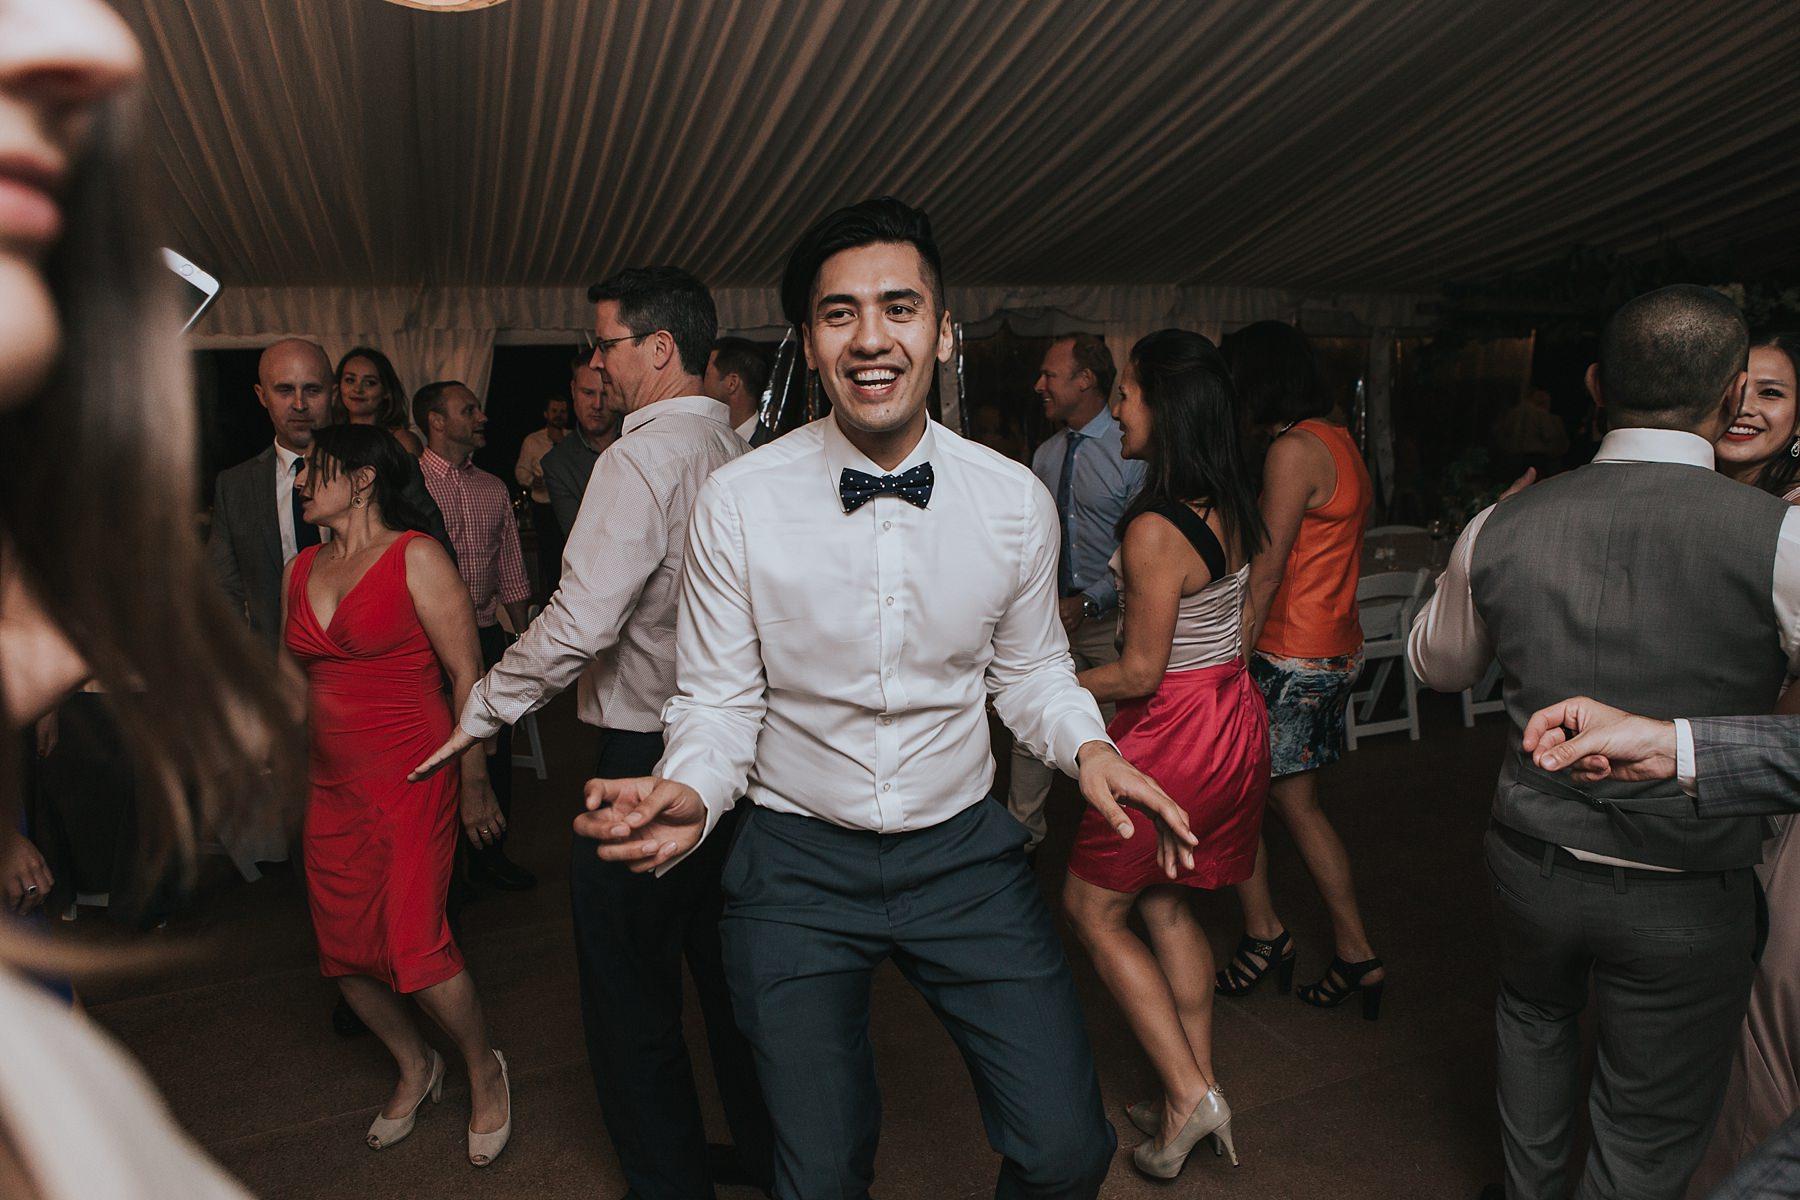 drunken dancing photos